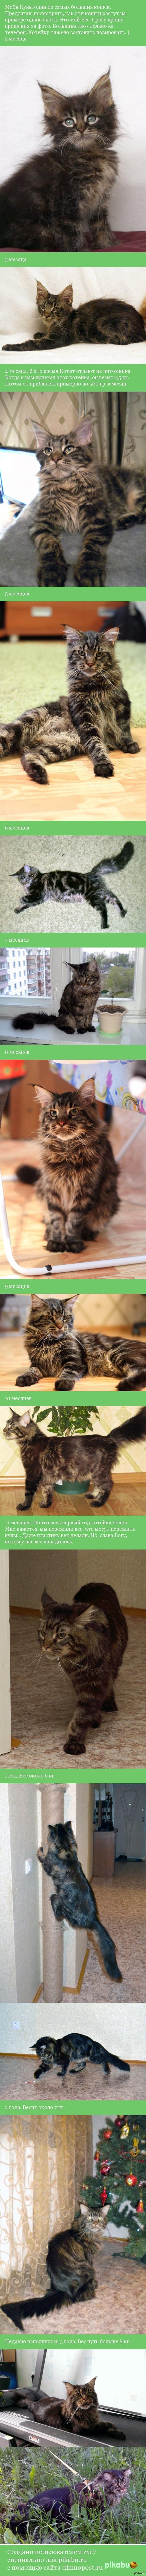 Как растет Мейн Кун Мейн Куны одни из самых больших кошек